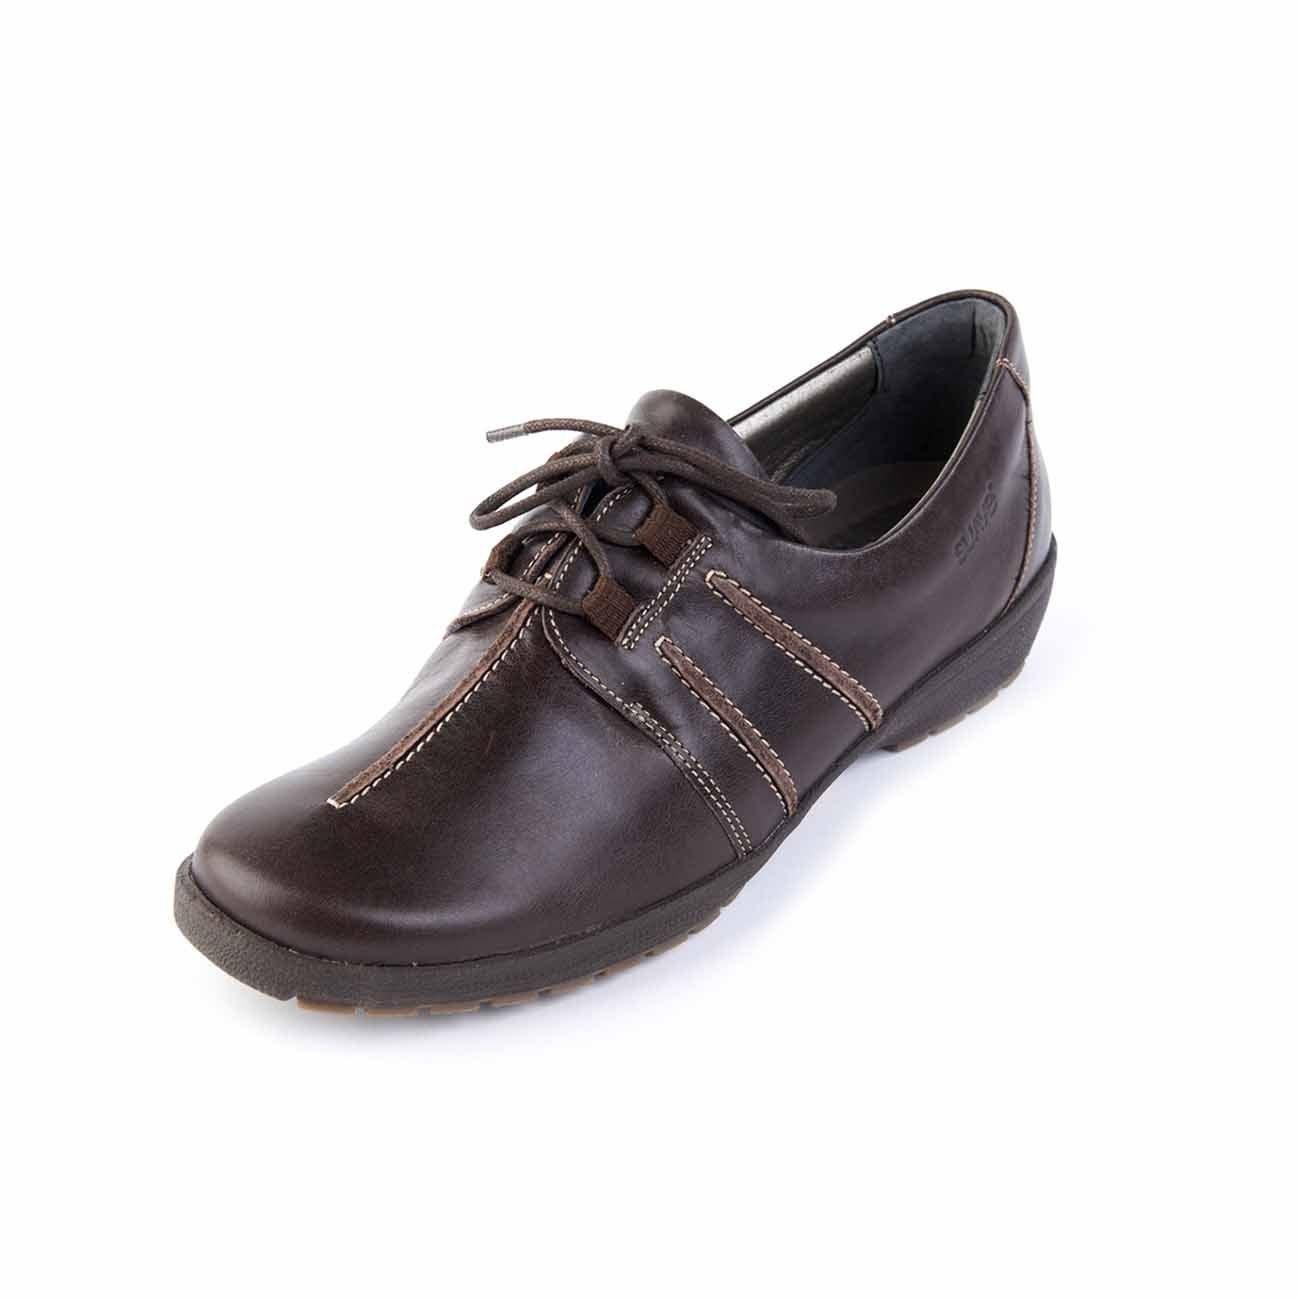 Suave - Zapatos de cordones de Otra Piel para mujer 37 EU|marrón